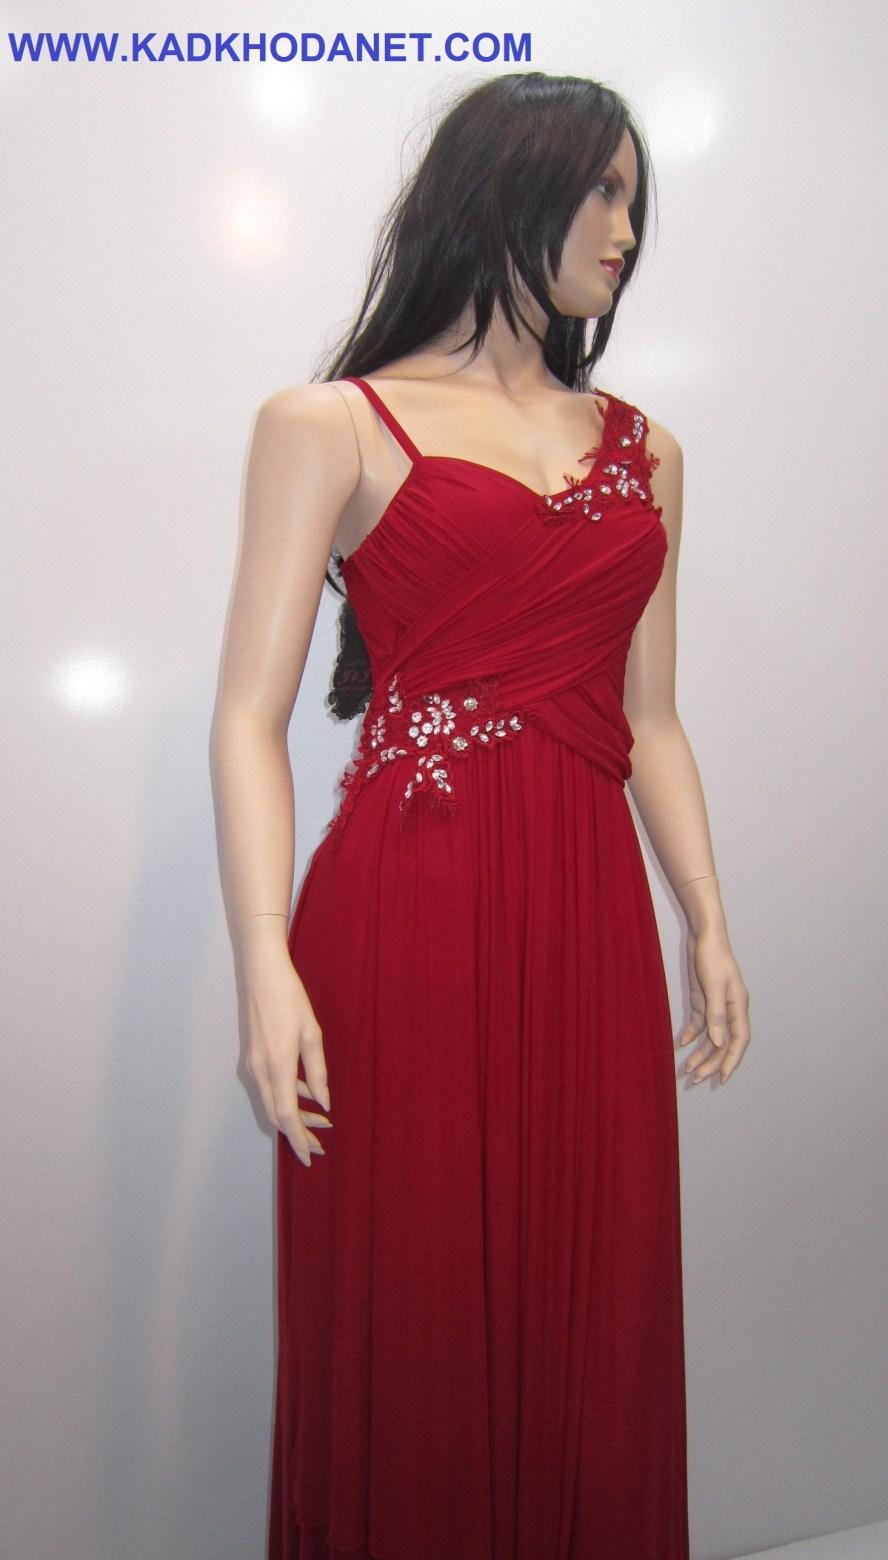 فروشگاه اینترنتی لباس مجلسی زنانه با قیمت